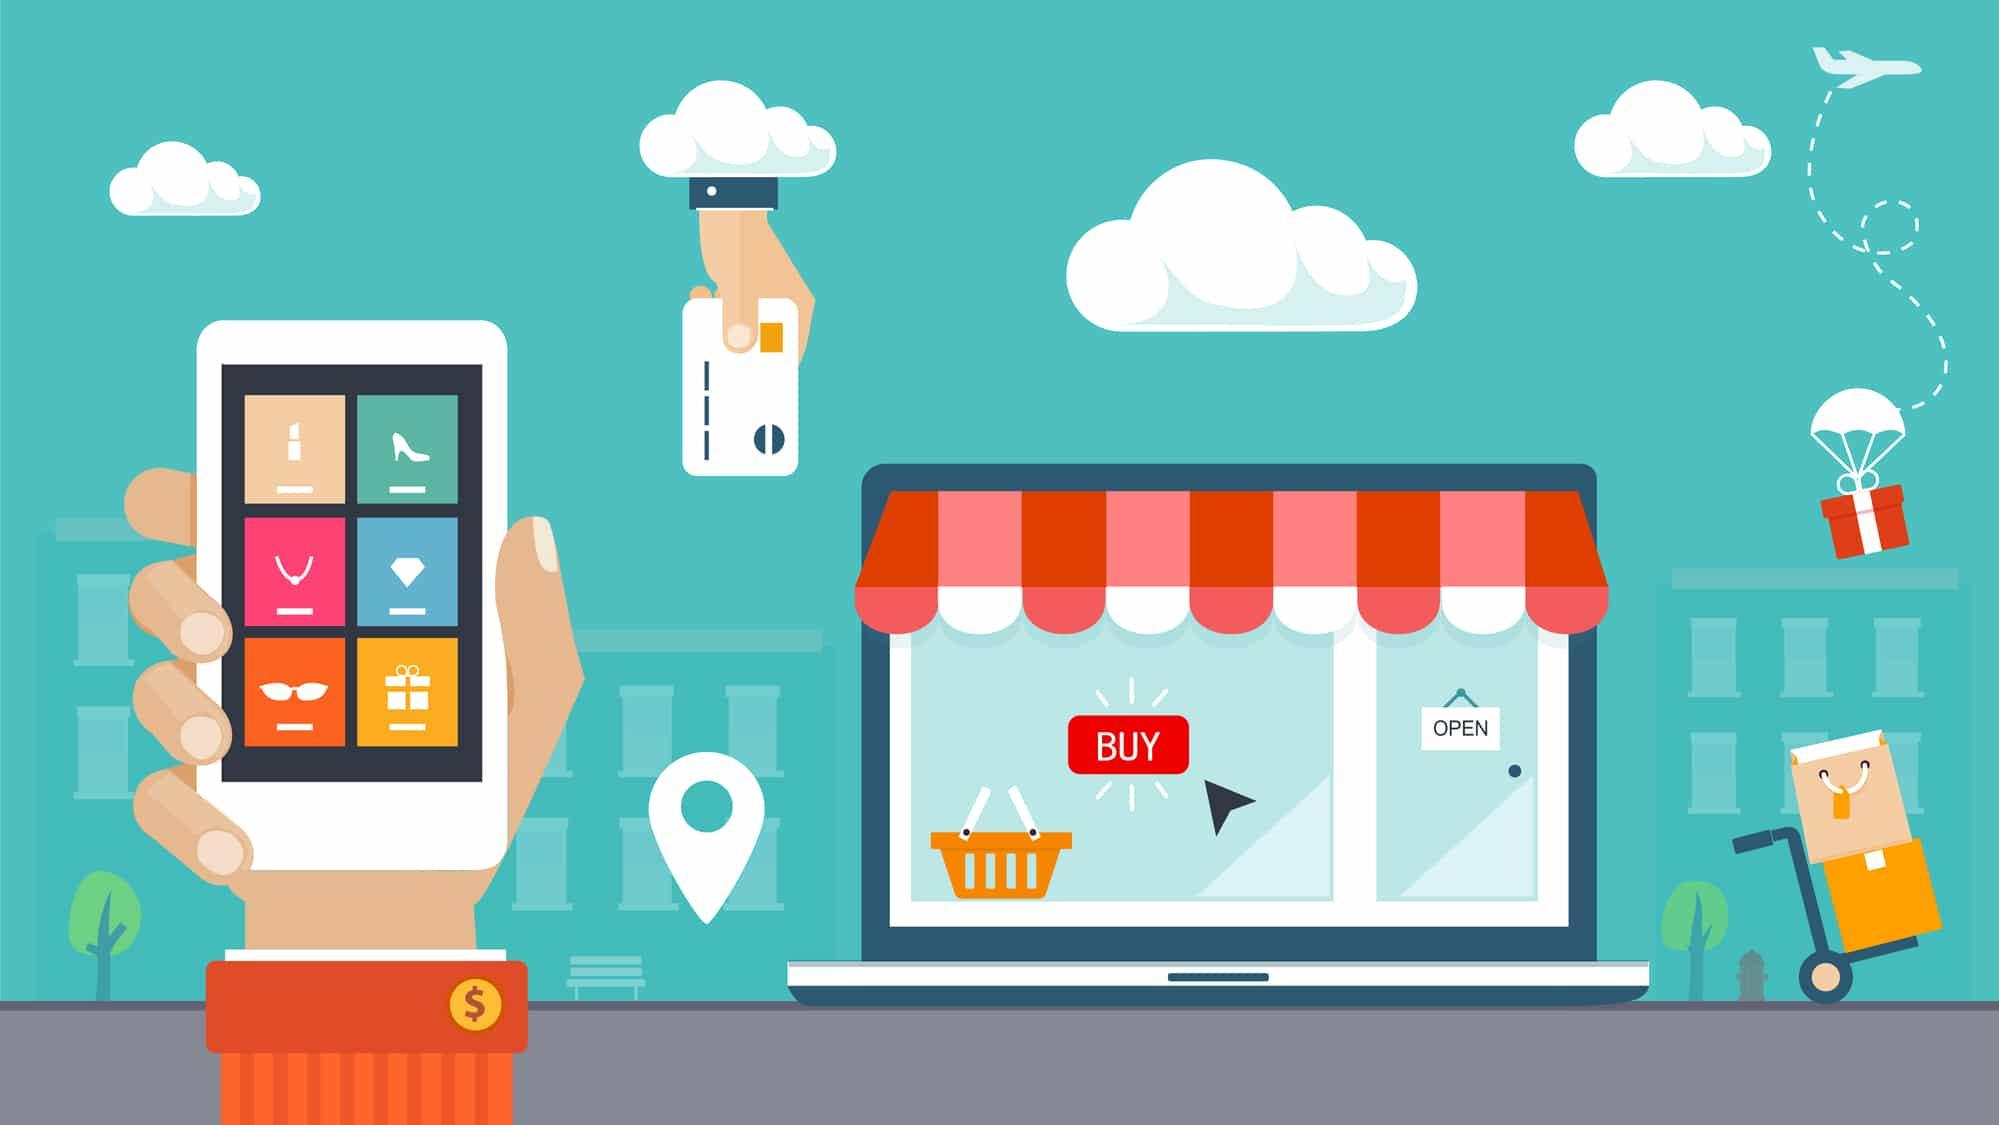 L'e-commerce è davvero così importante? Ecco le strategie vincenti thumbnail